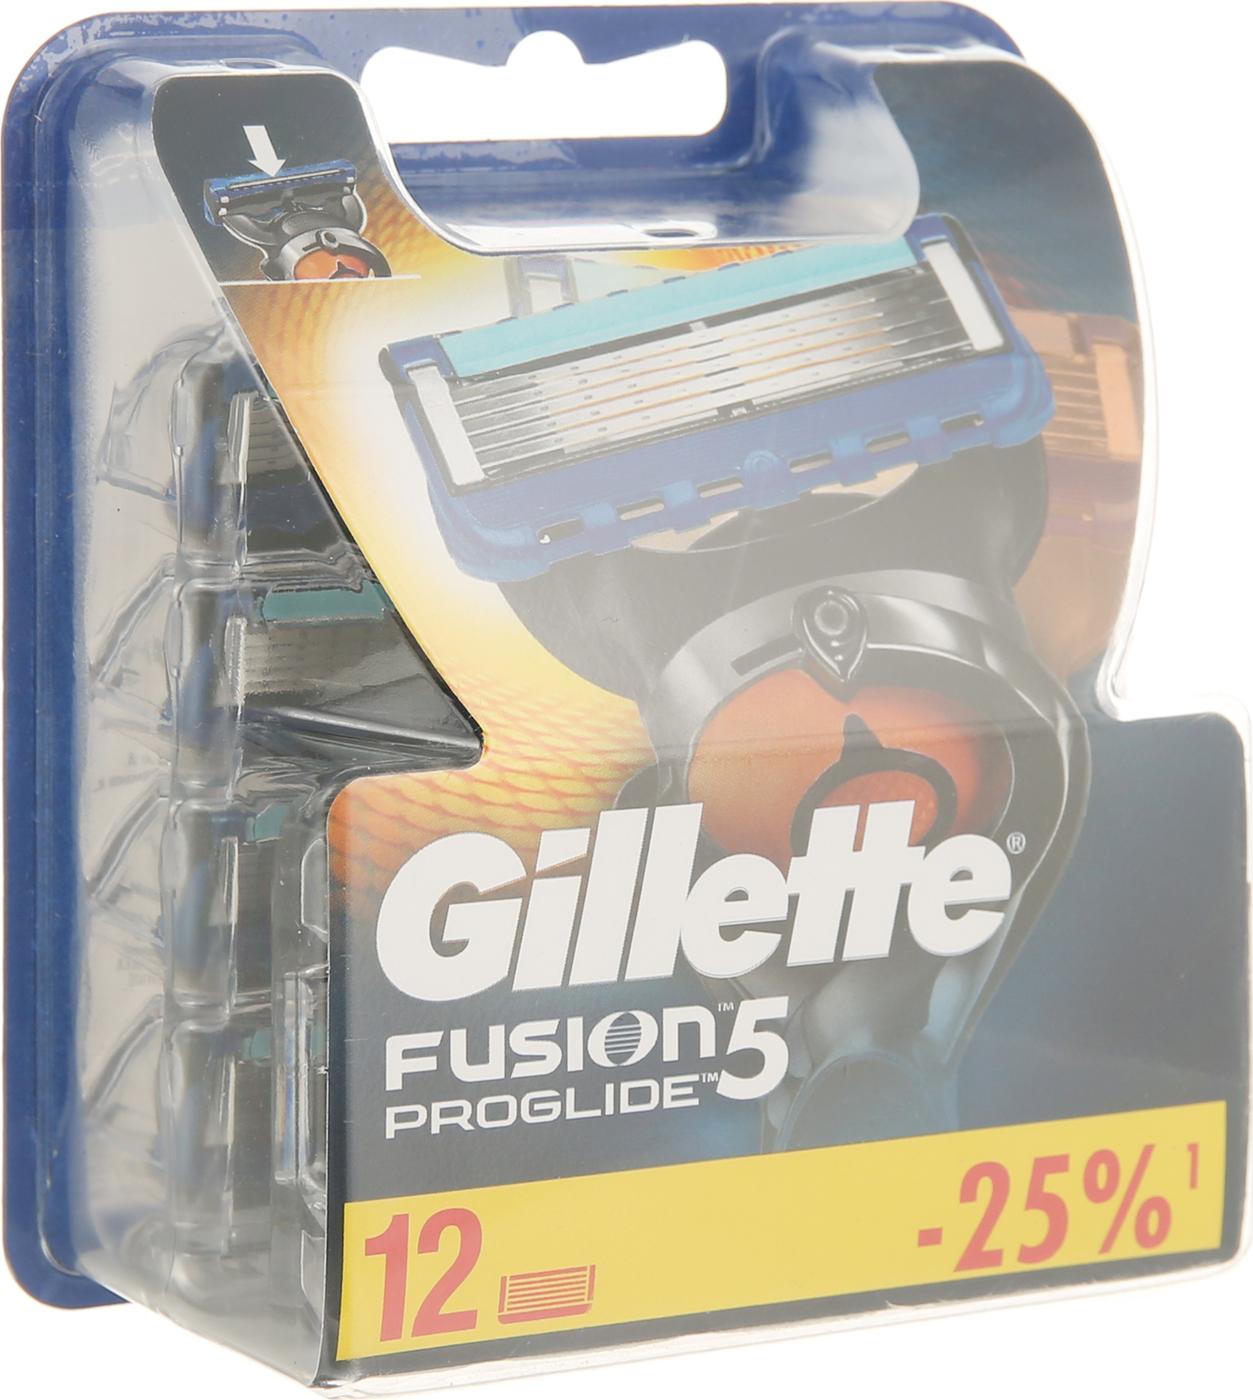 Сменные Кассеты Gillette Fusion5 ProGlide Для Мужской Бритвы, 12 шт